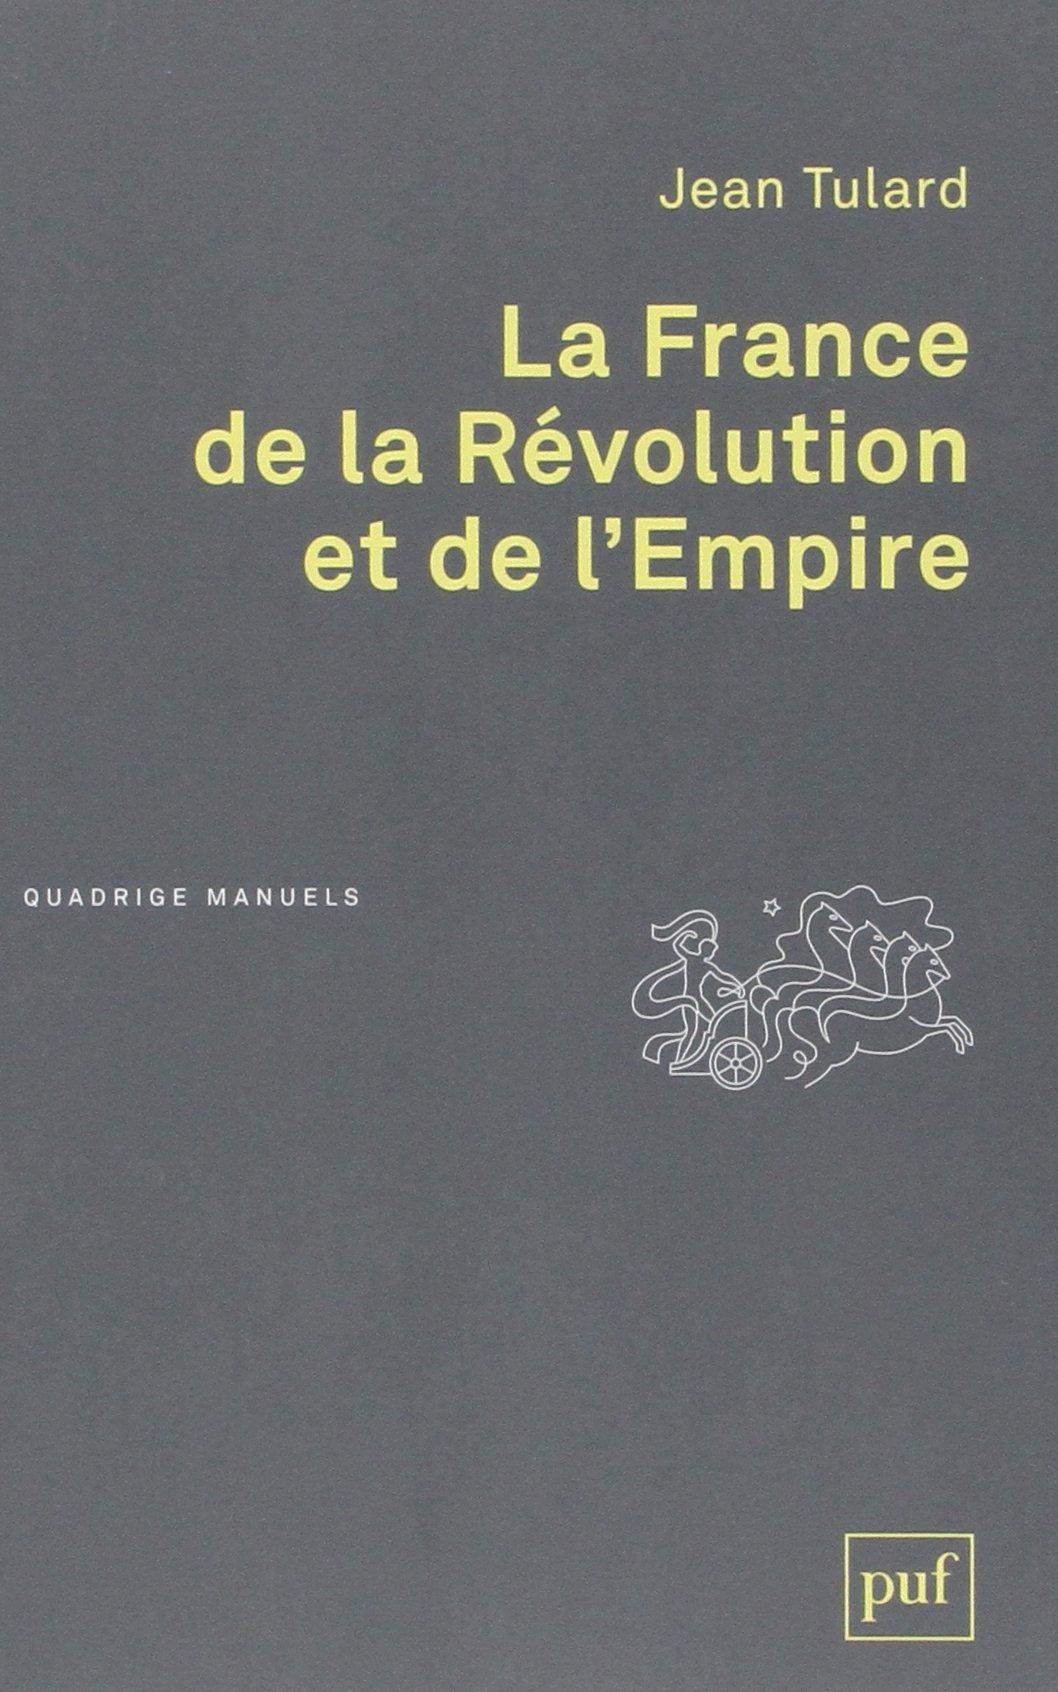 Amazon.fr - La France de la Révolution et de l'Empire - Jean Tulard - Livres